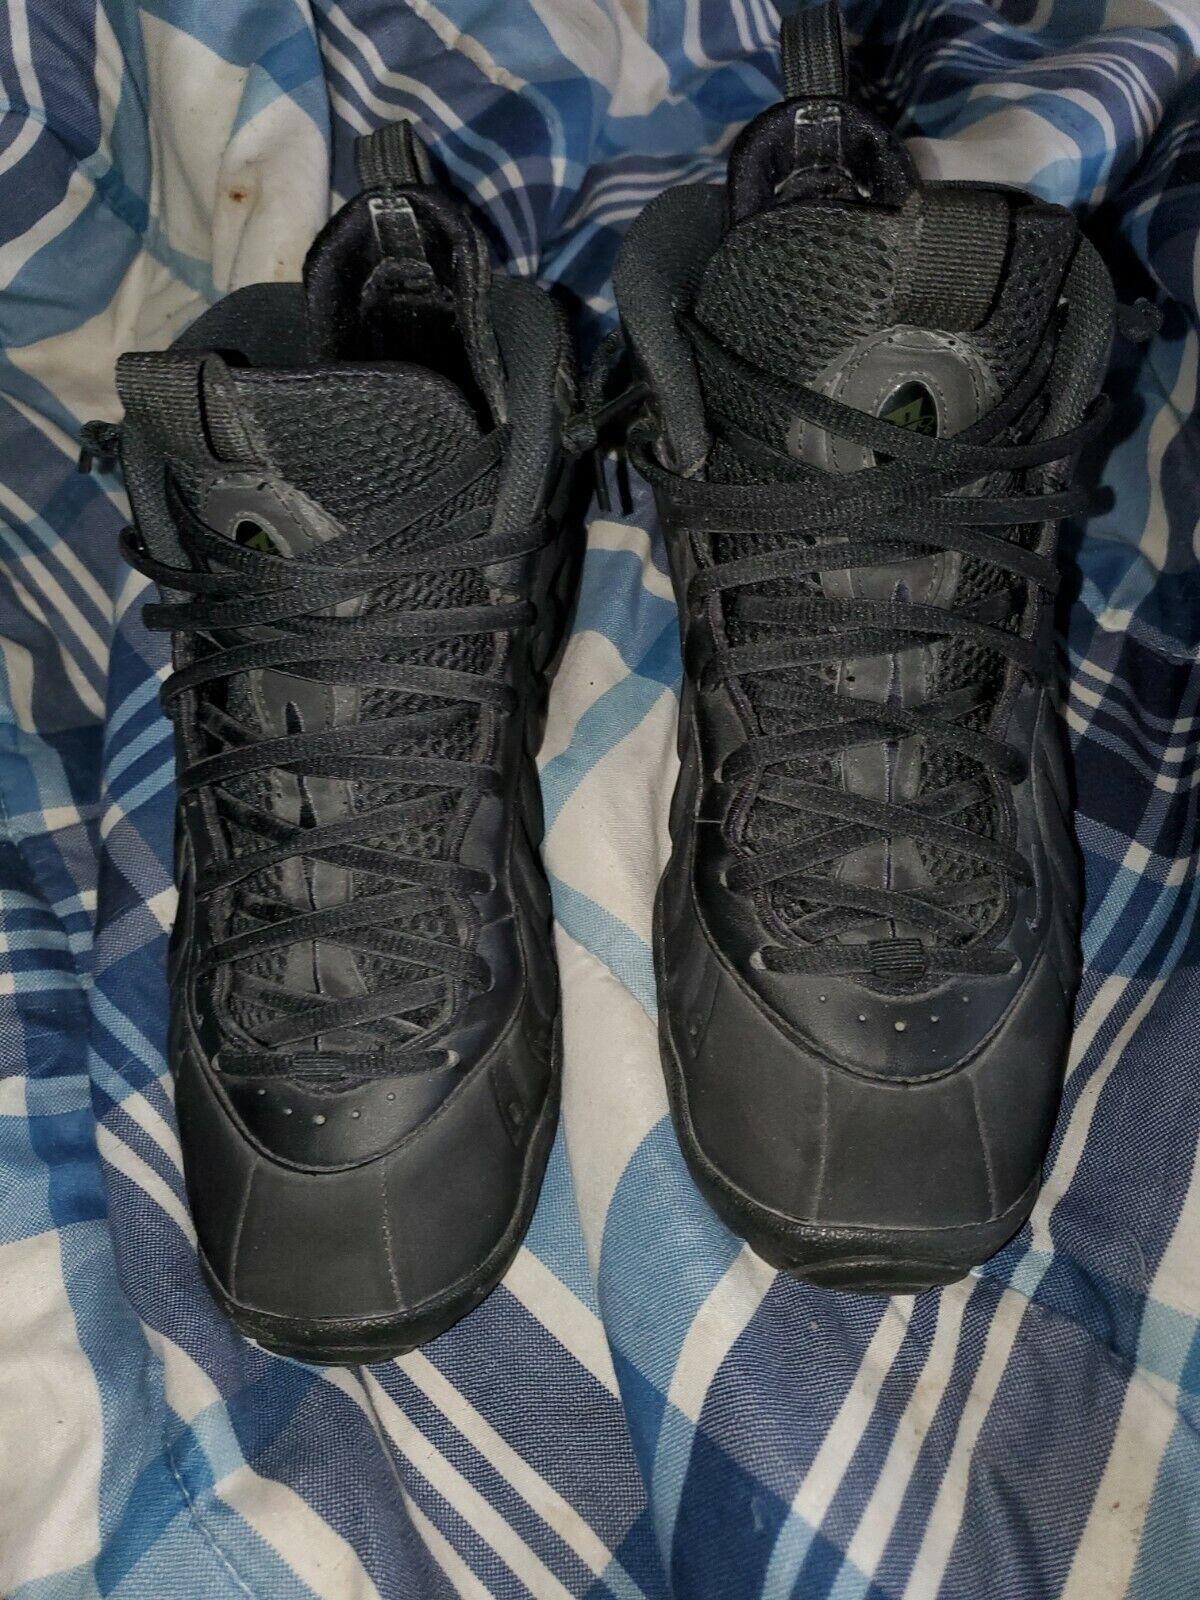 Foamposite Triple Black Suede sz 7y Nike Foams Foams Foams Foamposites 26ad2c